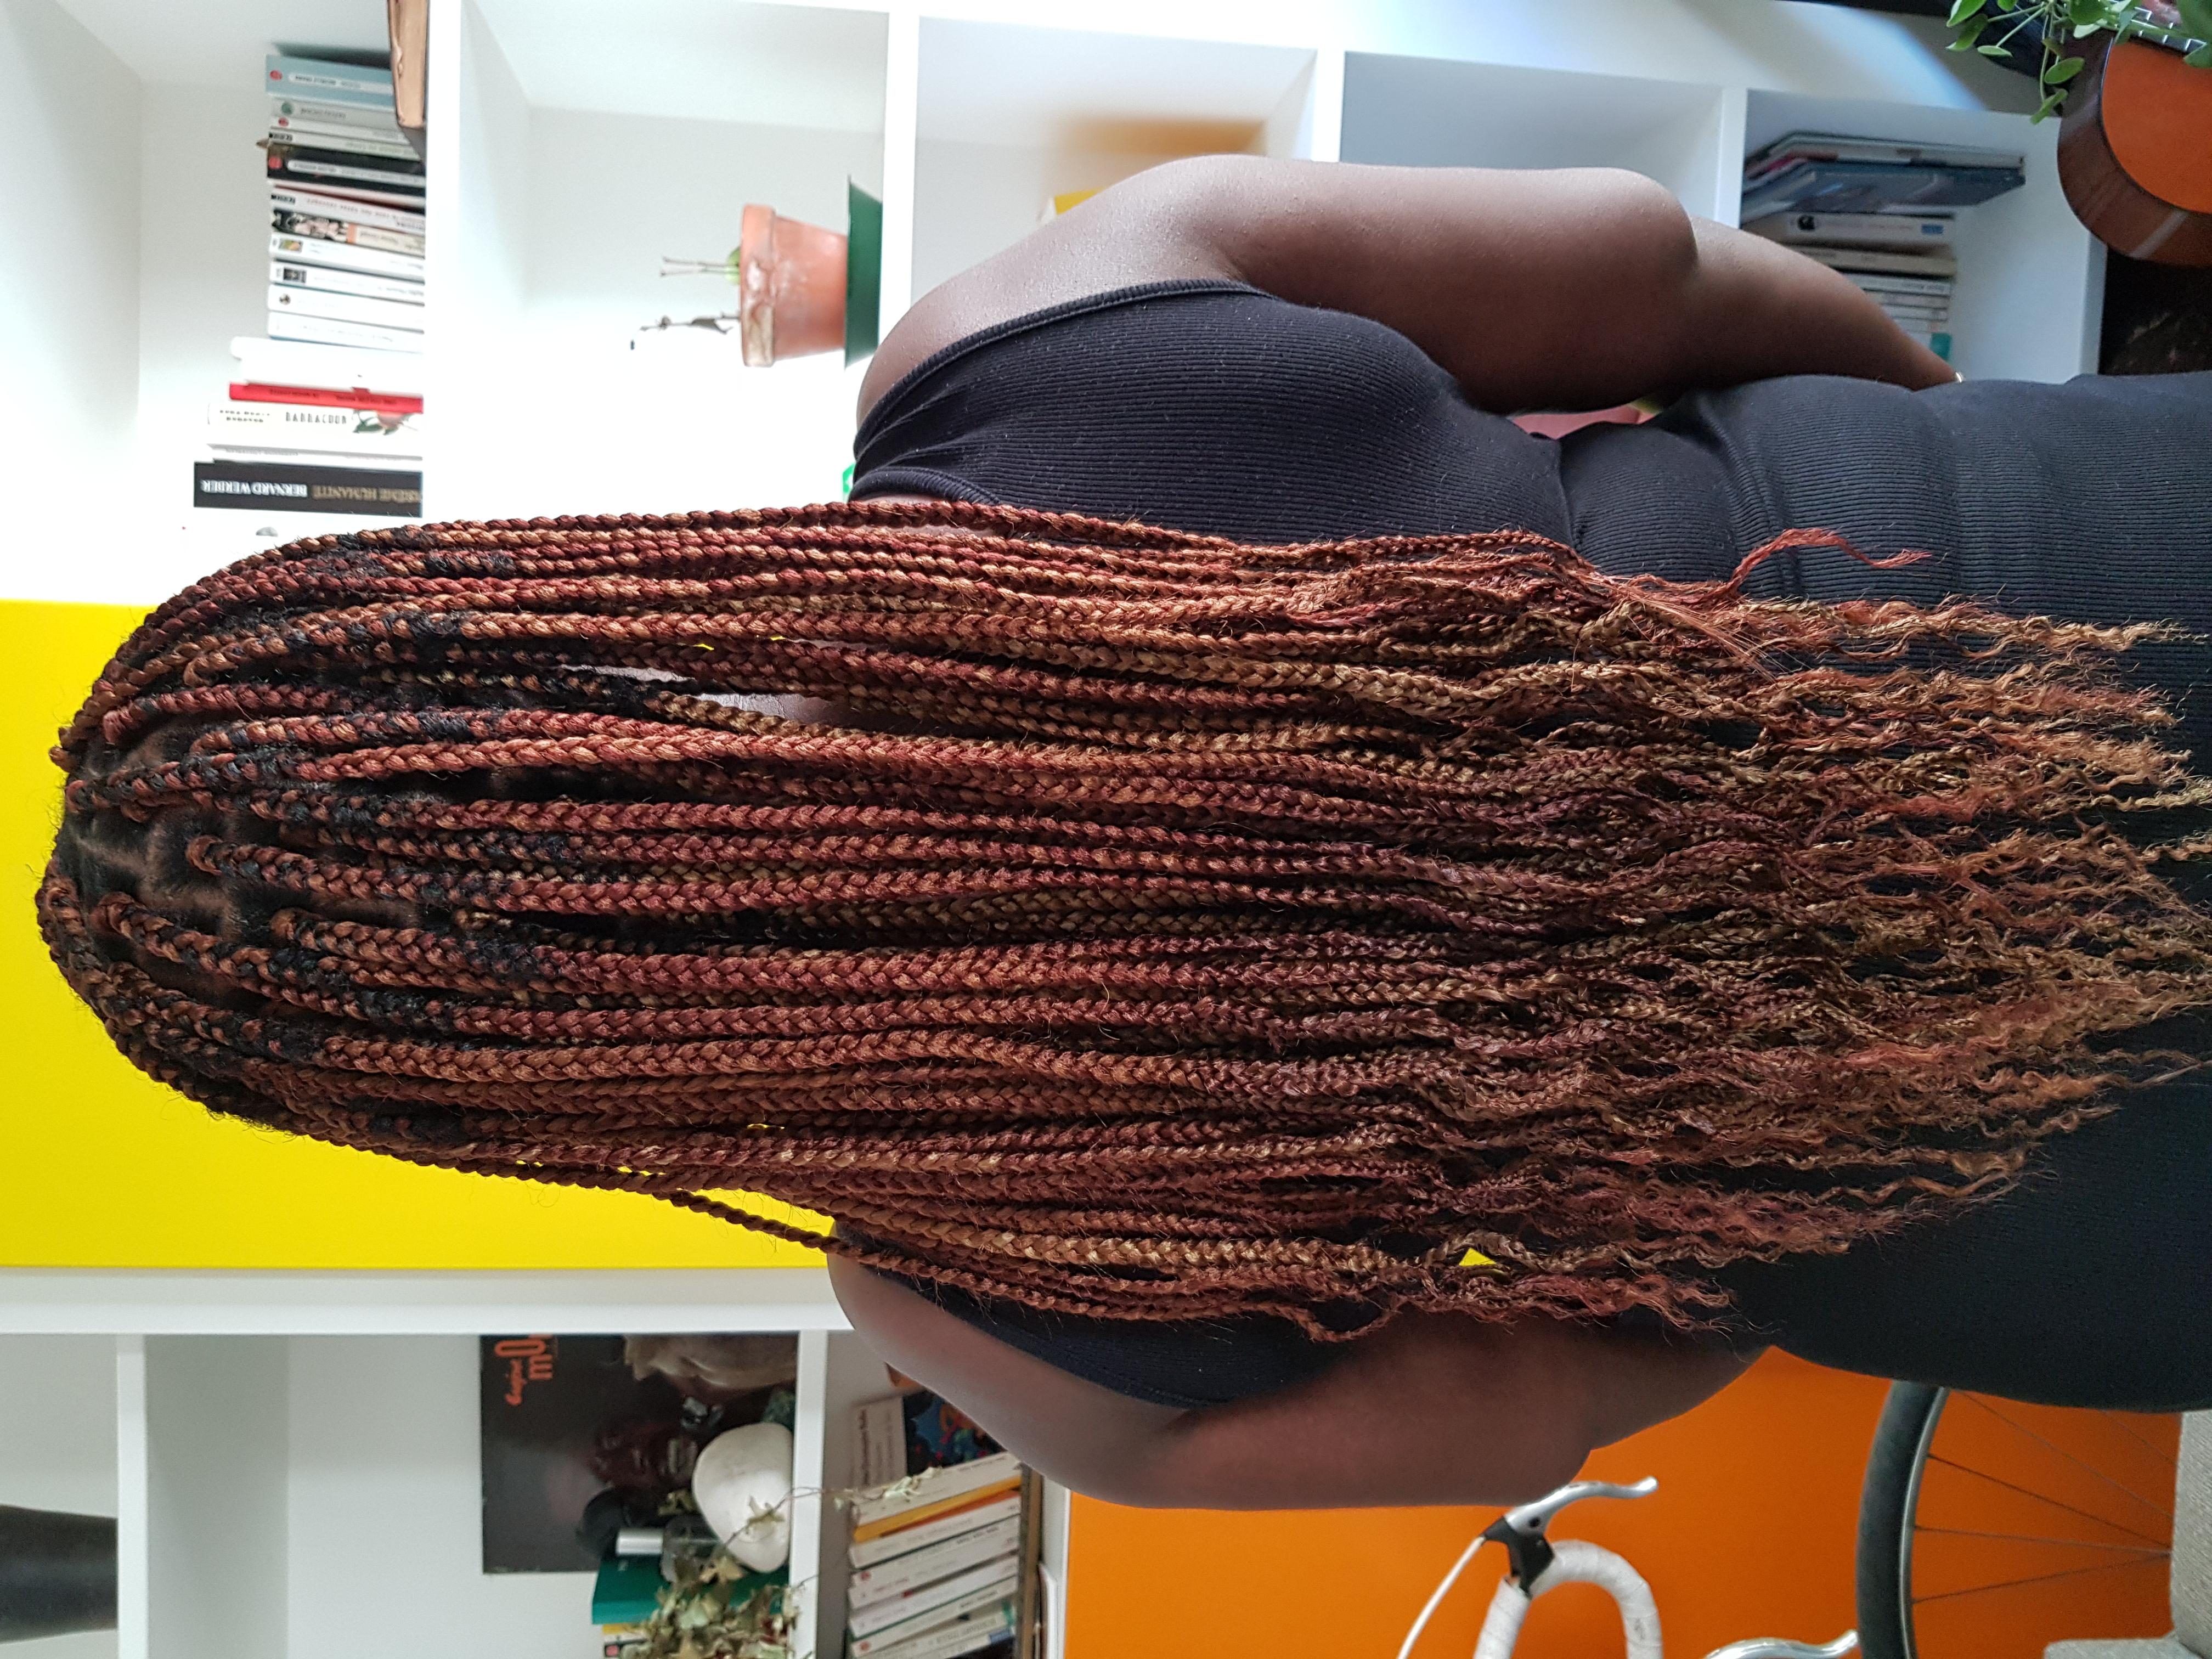 salon de coiffure afro tresse tresses box braids crochet braids vanilles tissages paris 75 77 78 91 92 93 94 95 LEXEZDVE